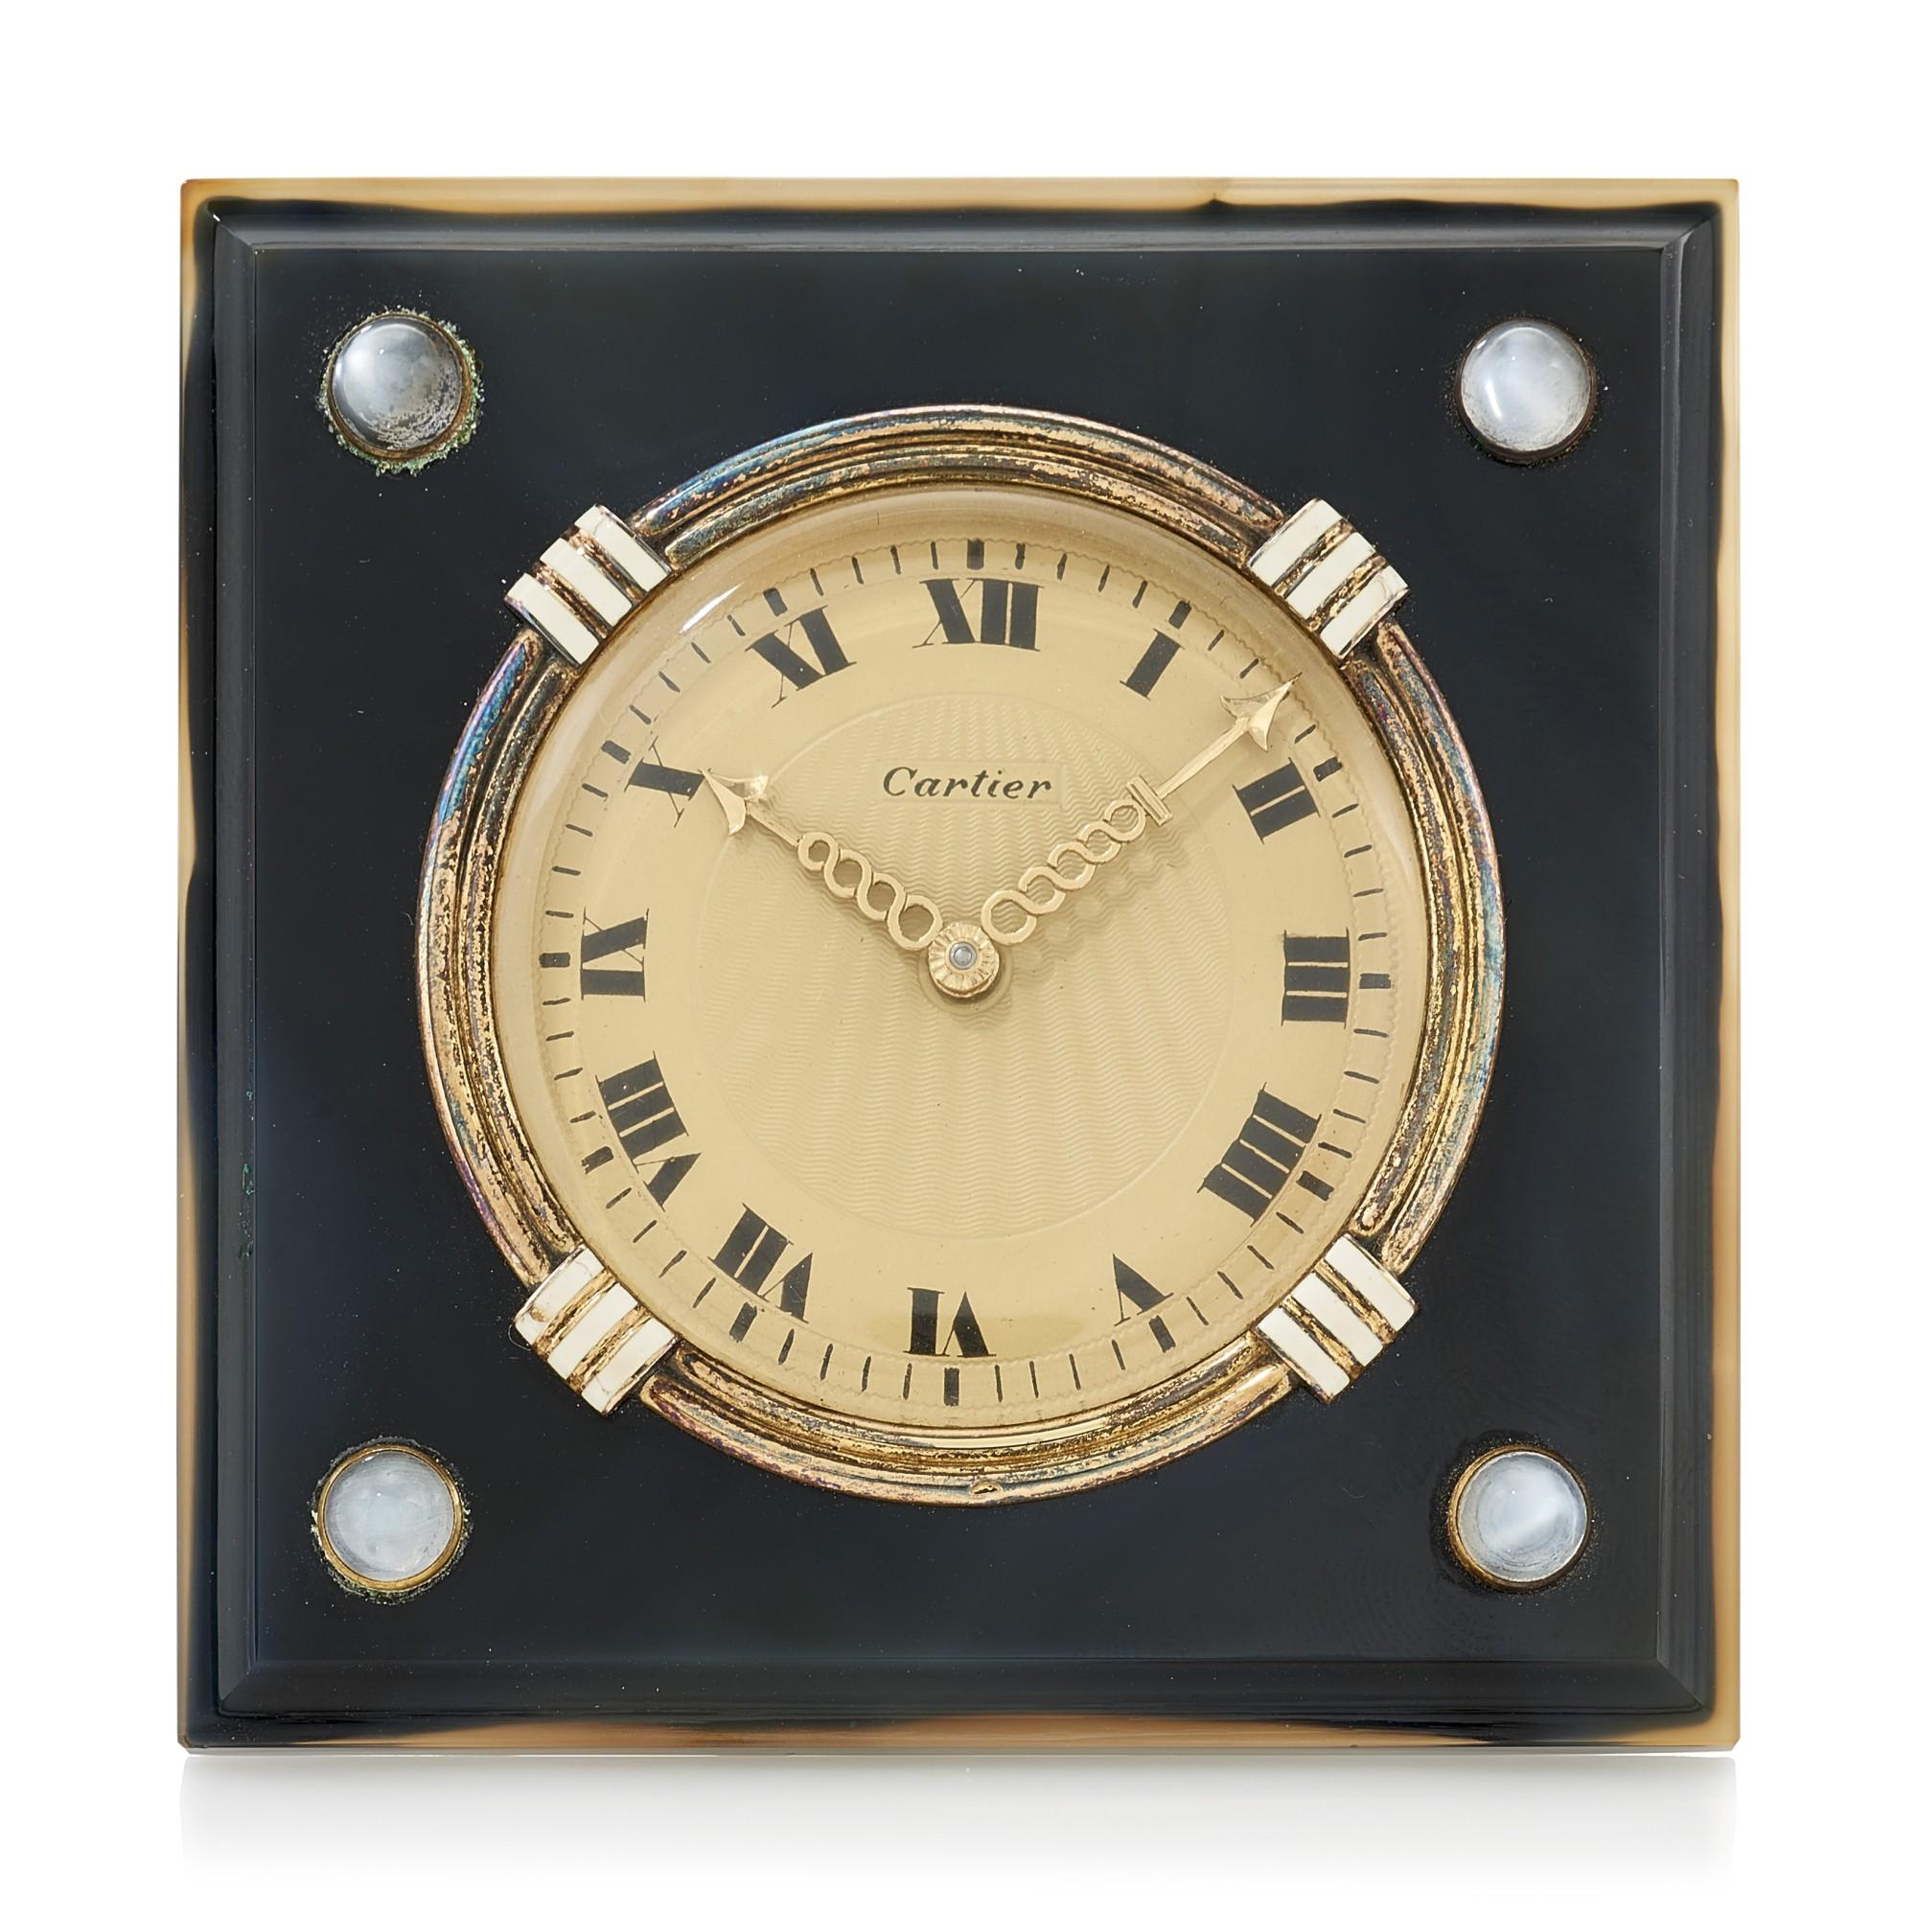 AGATE AND CHALCEDONY DESK CLOCK (OROLOGIO DA TAVOLO IN AGATA E CALCEDONIO), CARTIER